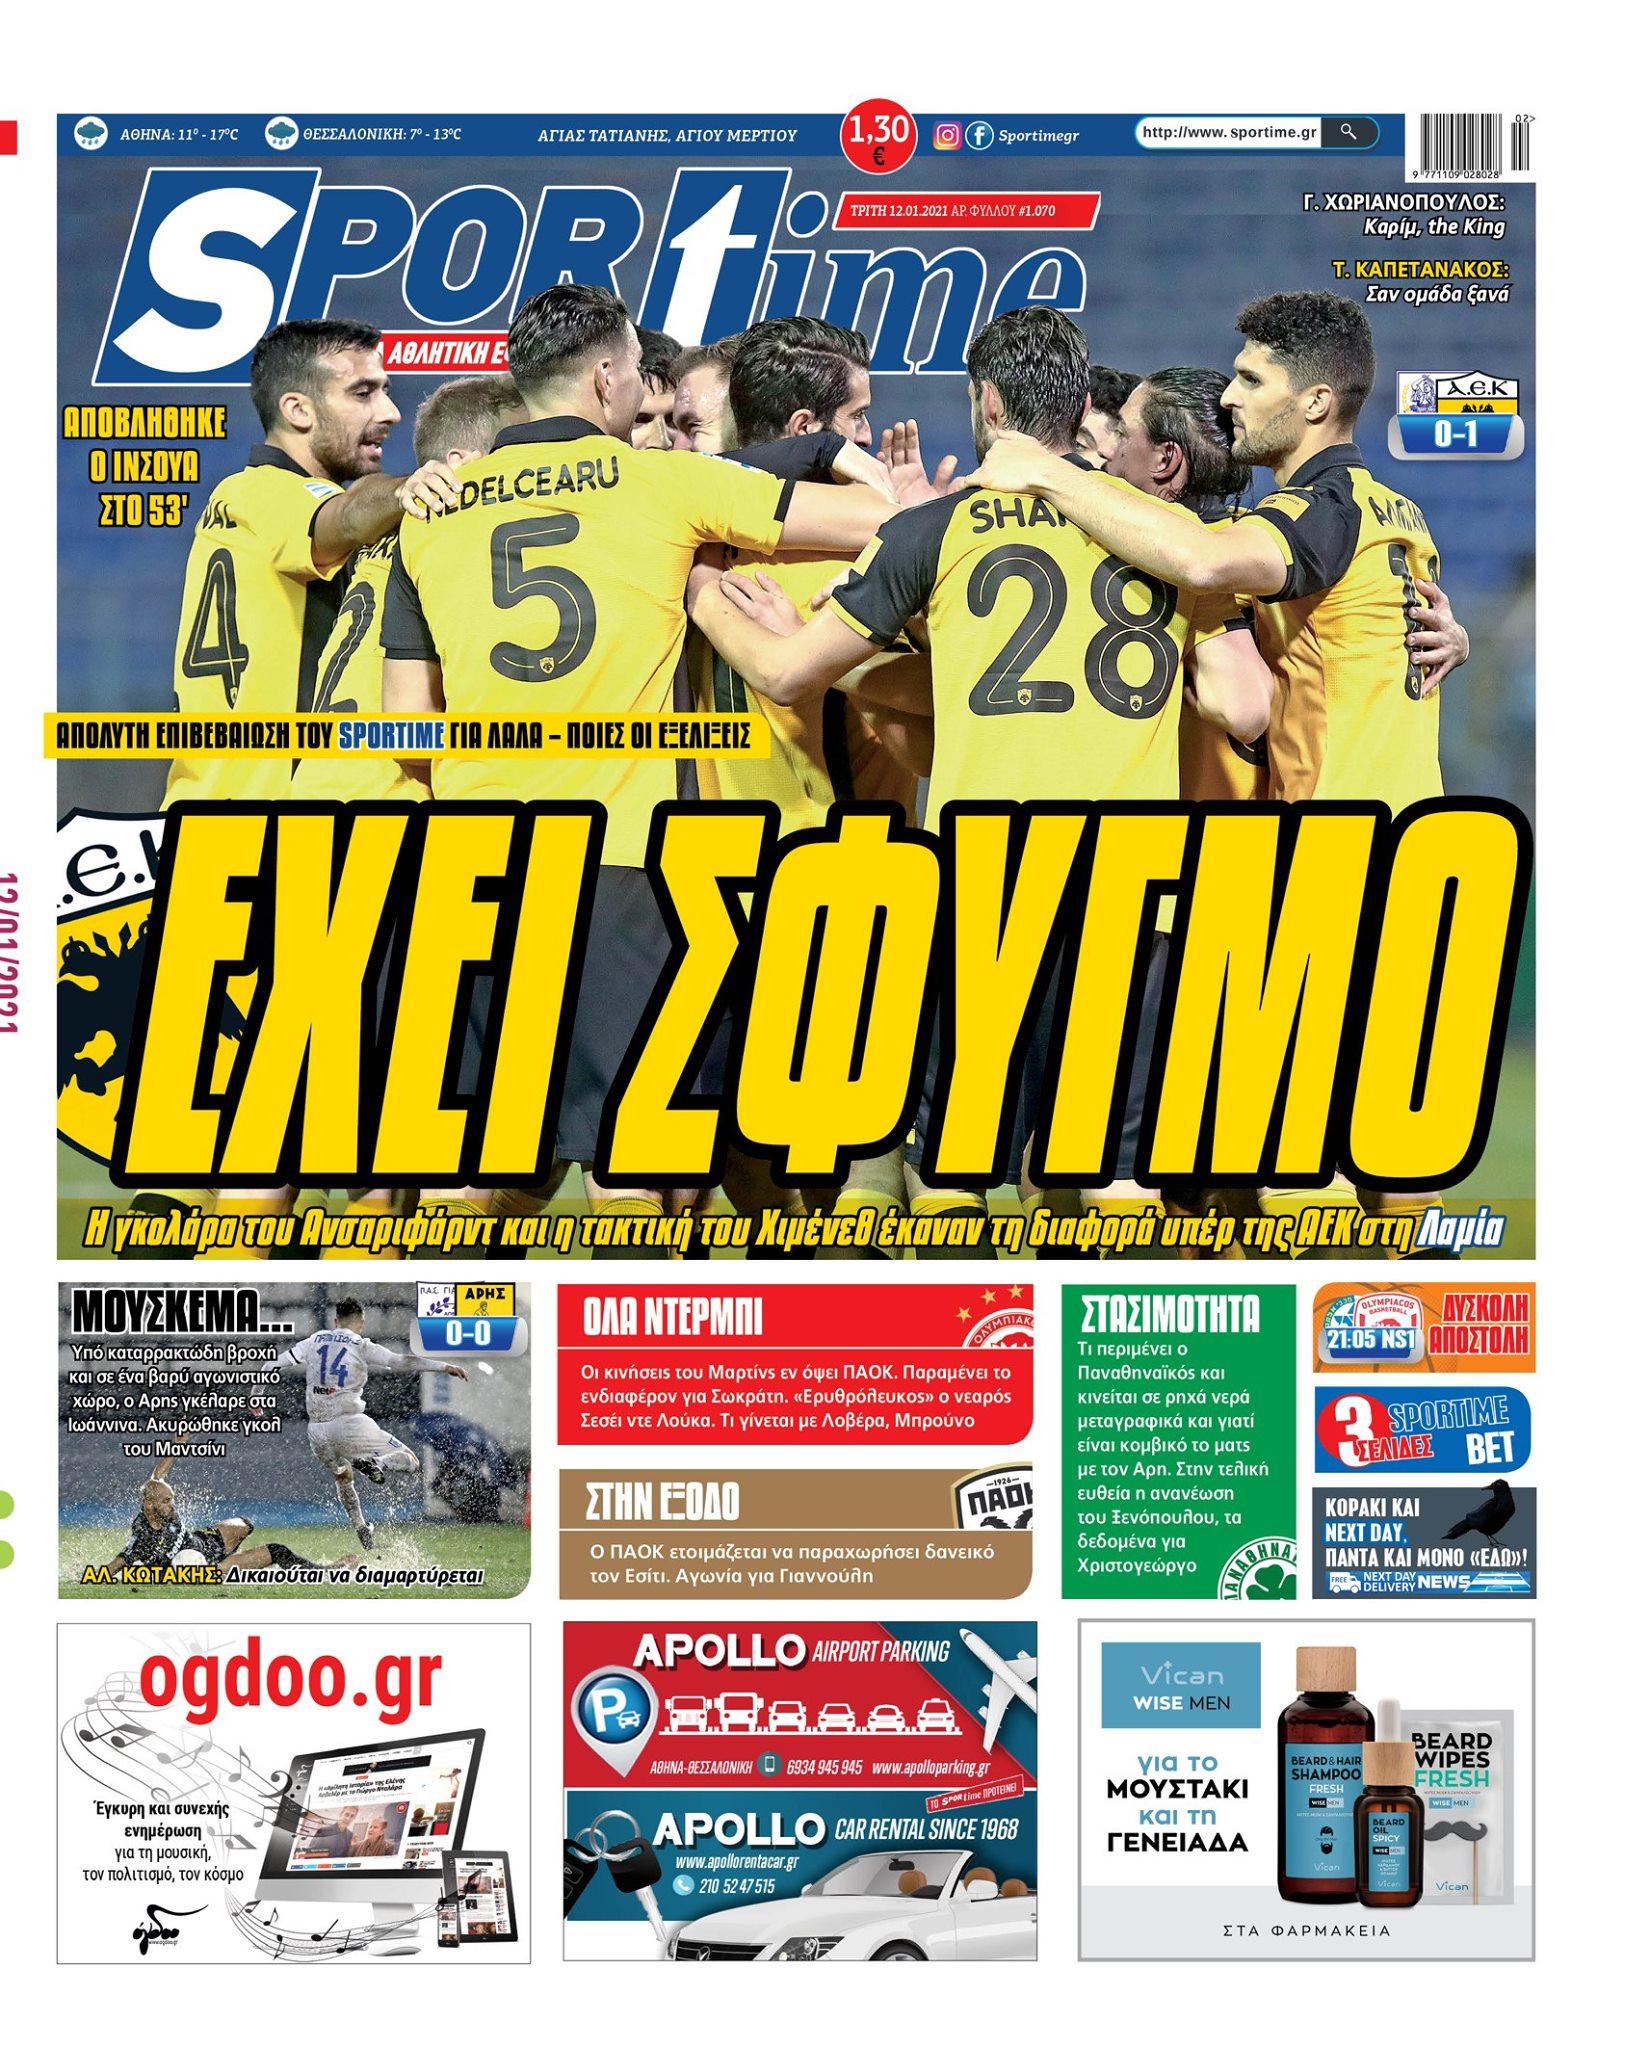 Εφημερίδα SPORTIME - Εξώφυλλο φύλλου 12/1/2021